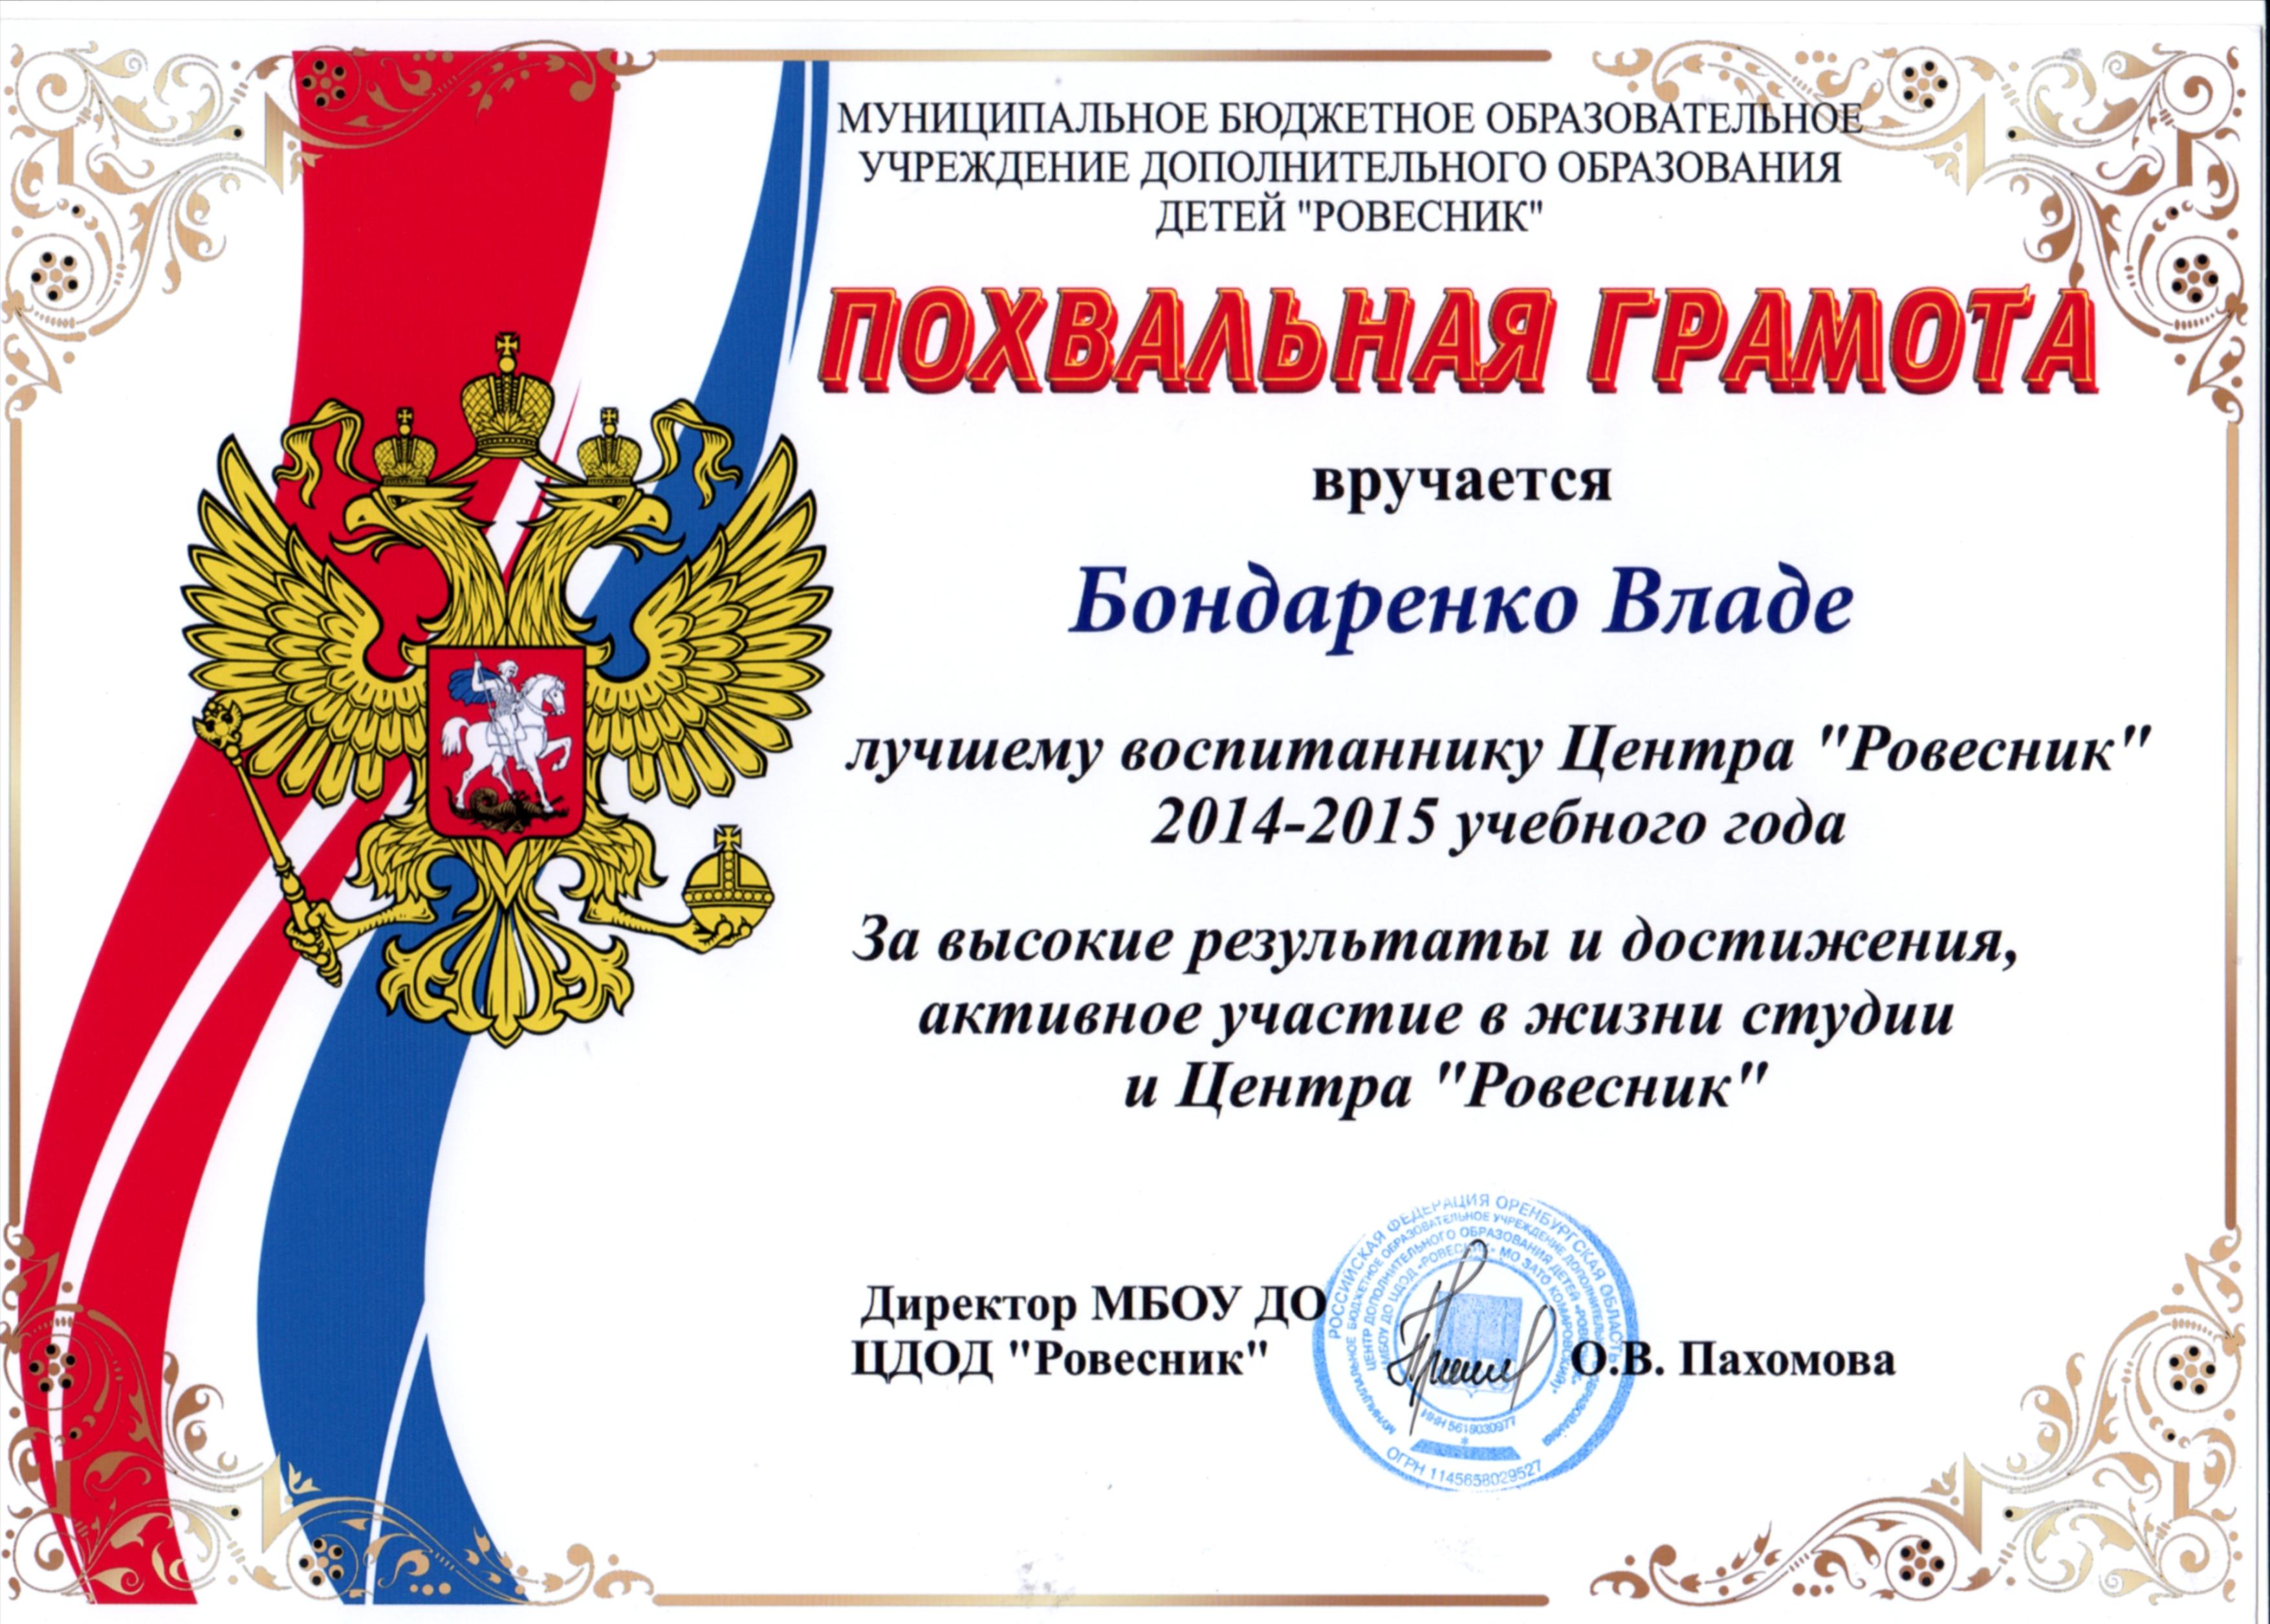 По итогам учебного года Влада Бондаренко признана лучшей воспитанницей музыкальной студии КАПЕЛЬ